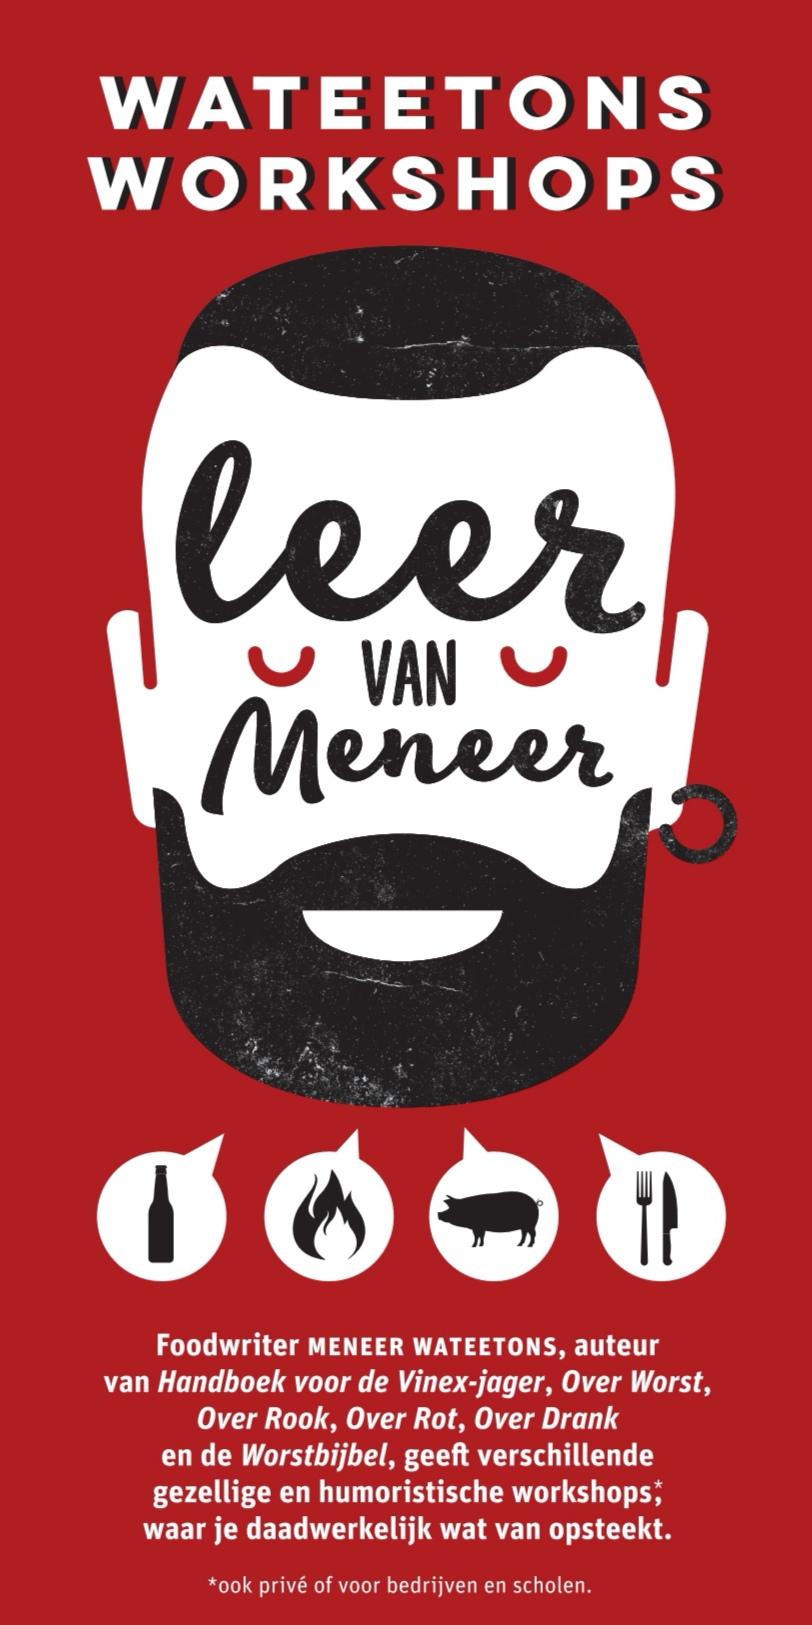 Oproep: workshoplocatie gezocht voor 50+ personen (ruime) regio Amsterdam